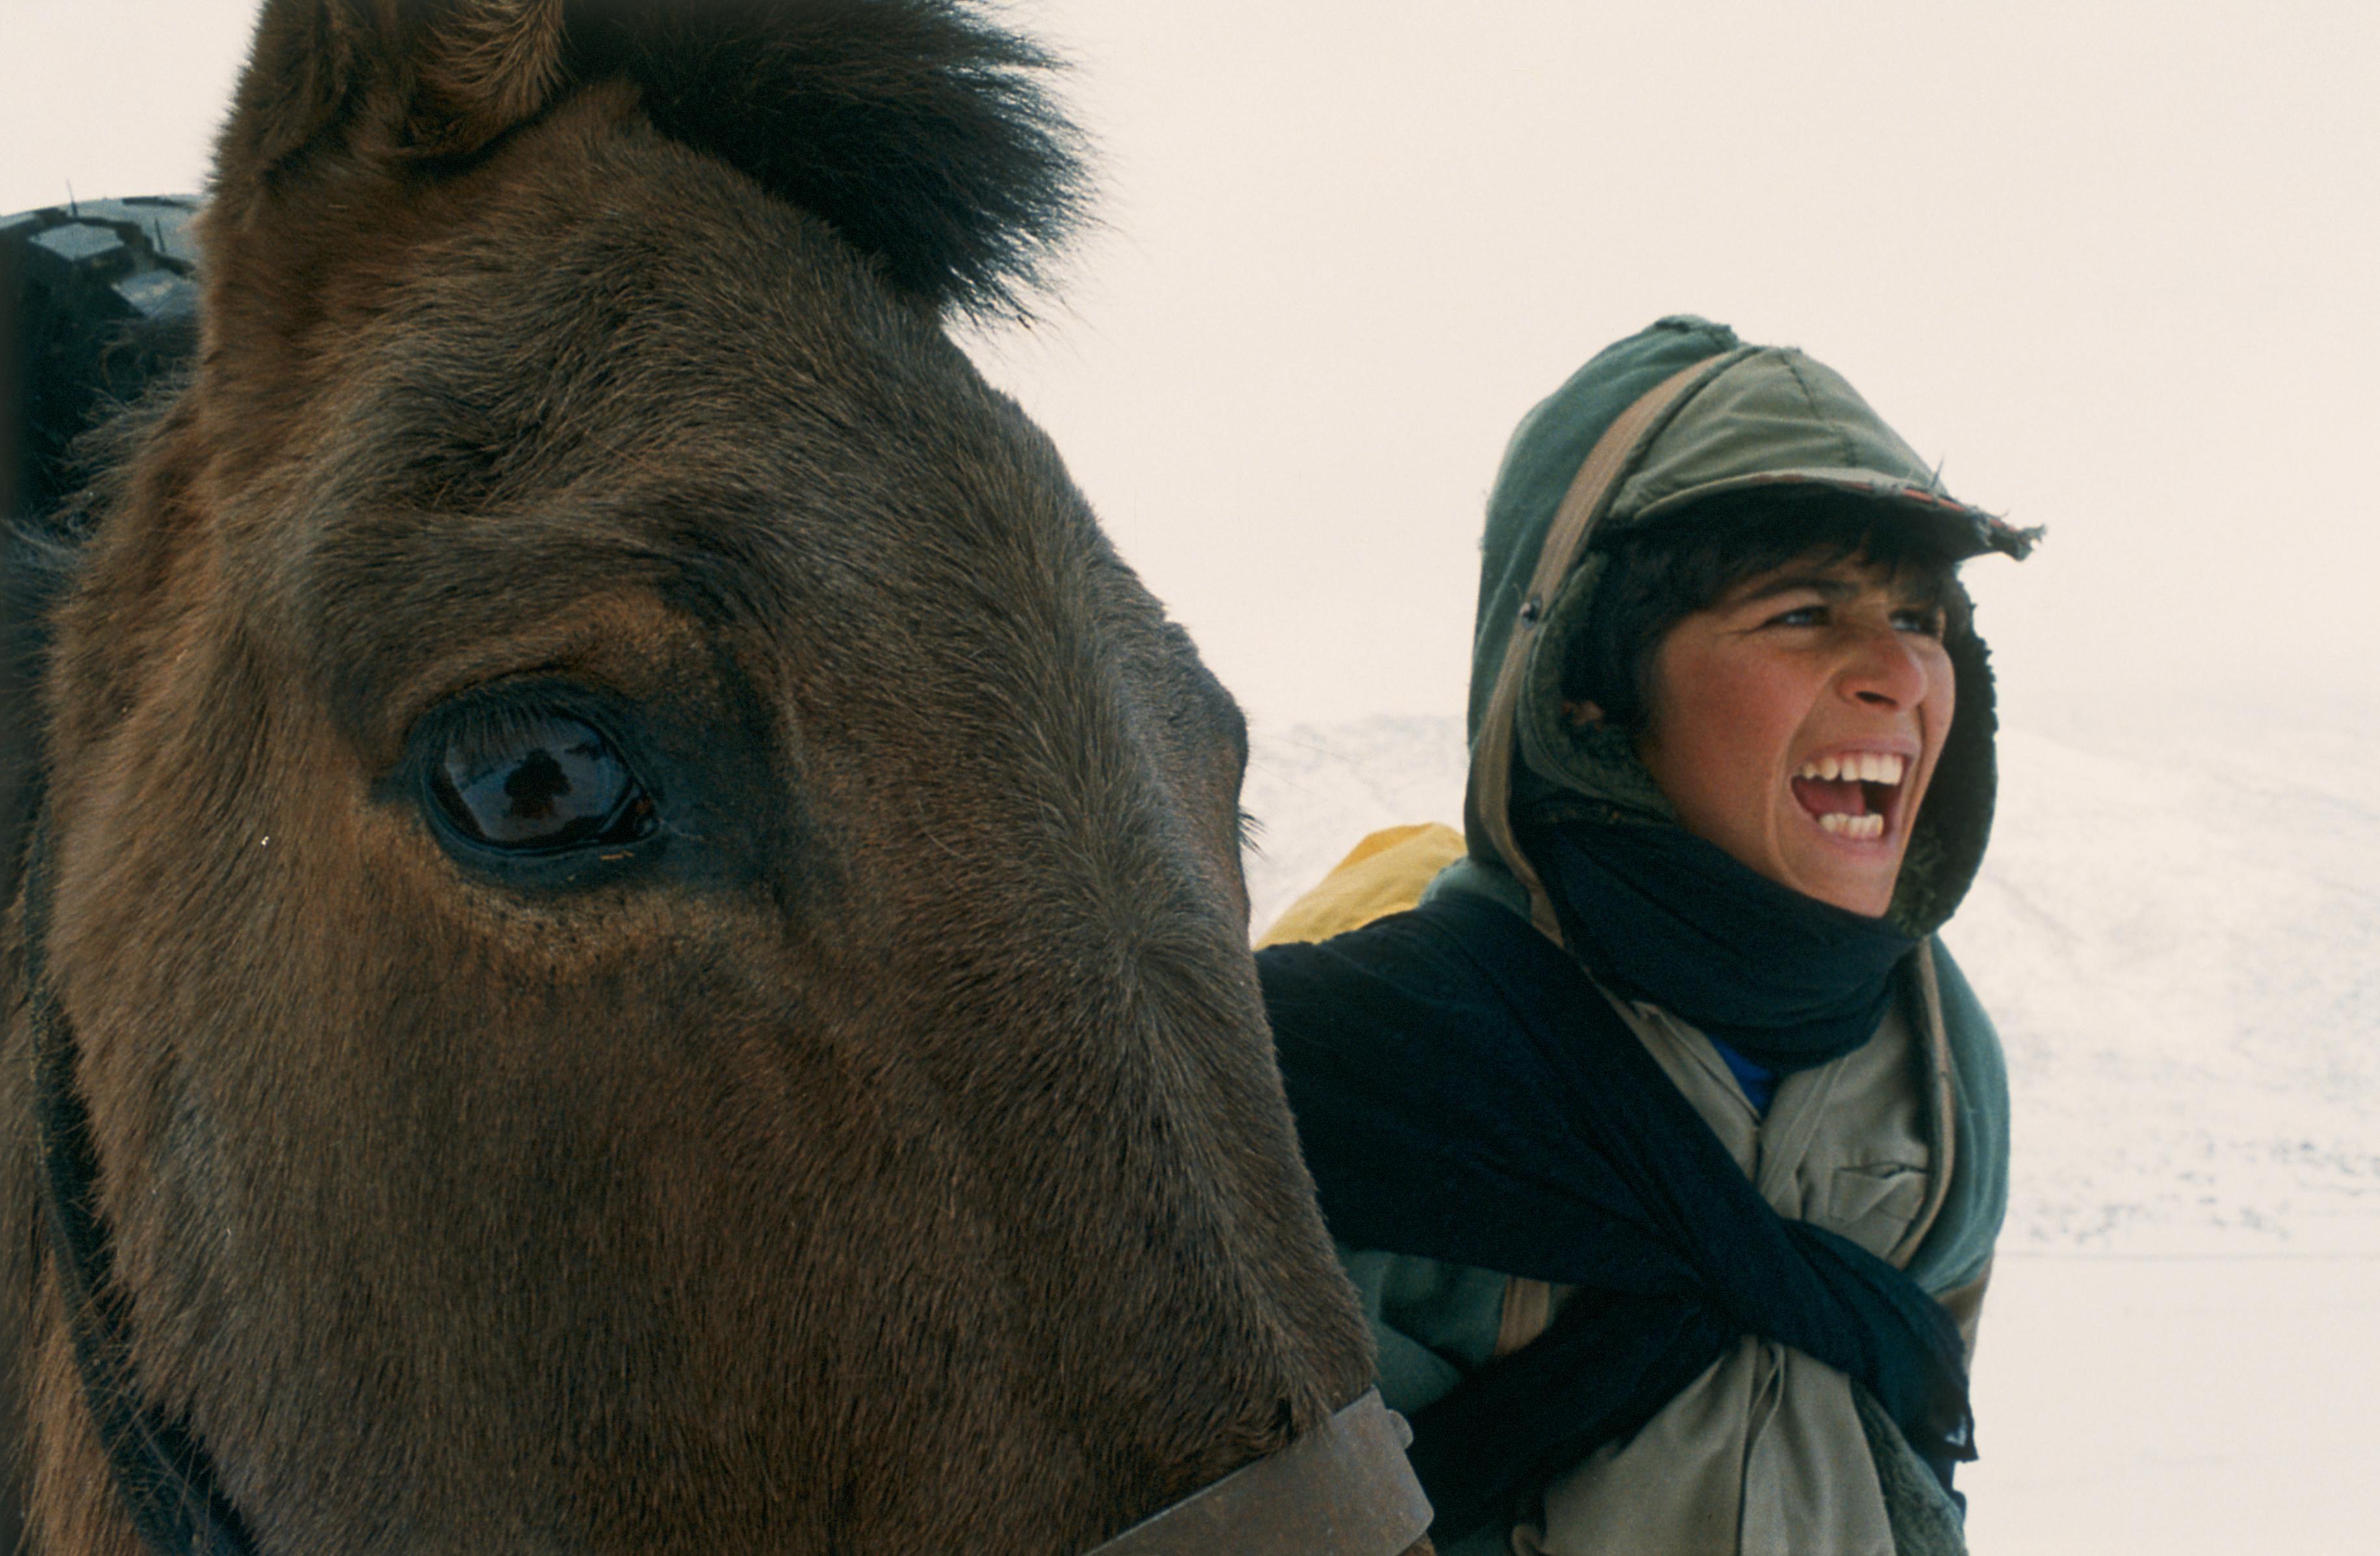 prochains v nements un temps pour l ivresse des chevaux j 39 ai vu un documentaire. Black Bedroom Furniture Sets. Home Design Ideas